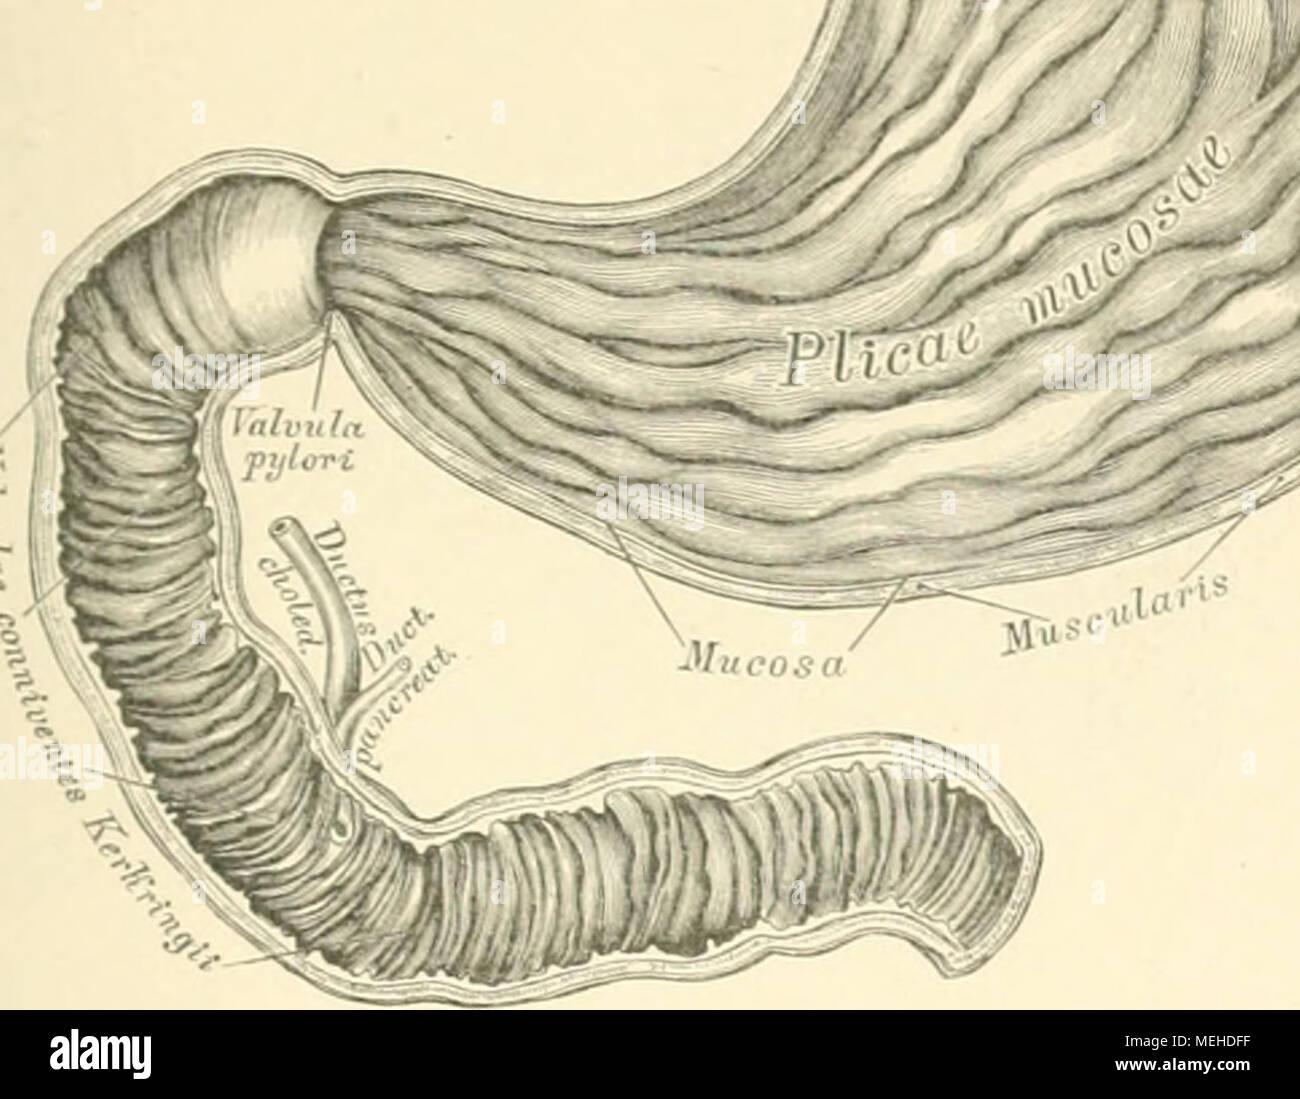 Niedlich Leber Und Milz Anatomie Galerie - Anatomie Ideen - finotti.info